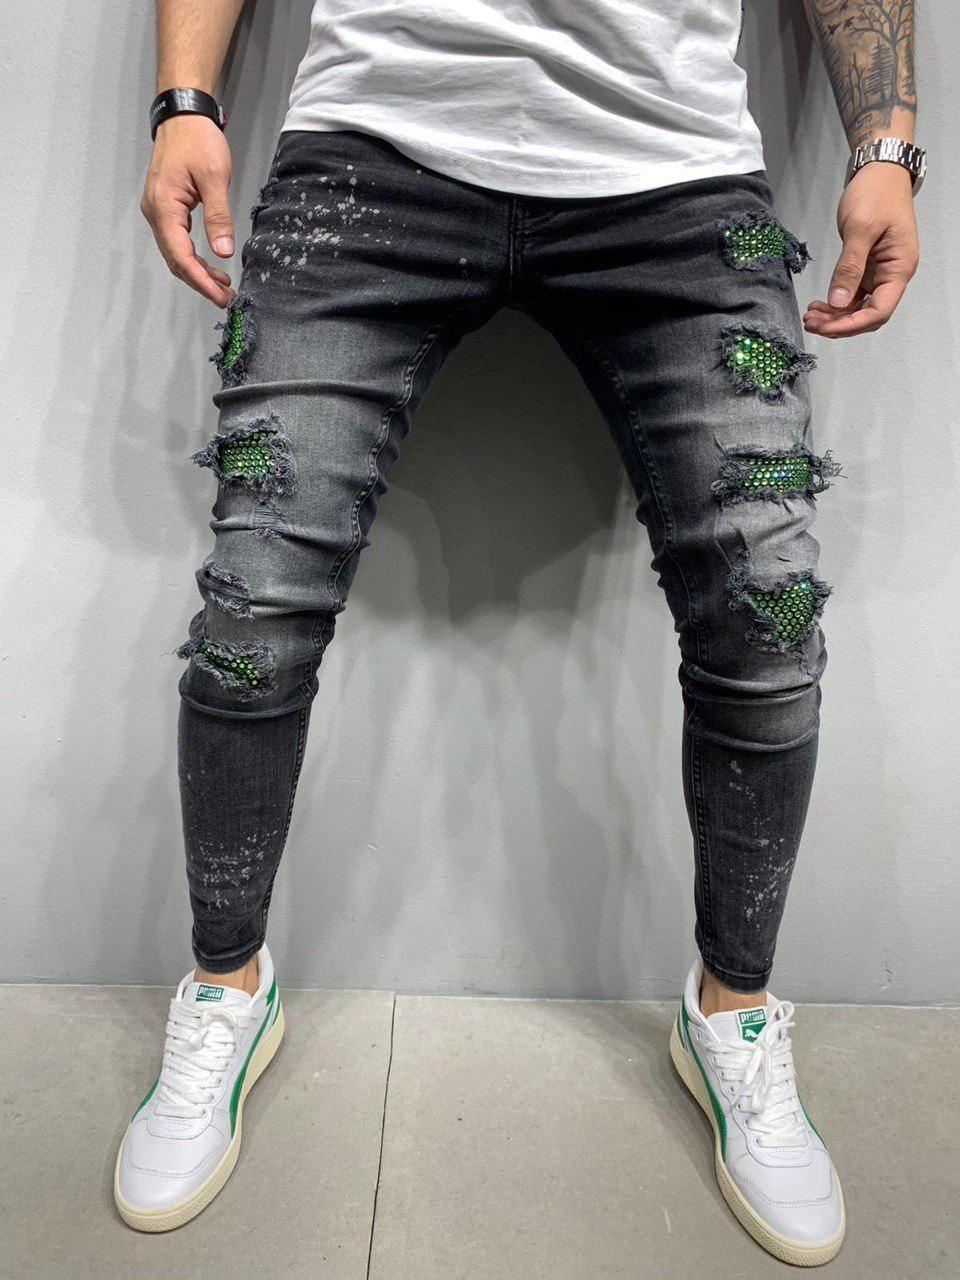 Джинсы мужские тёмно-серые рваные стильные зауженные с зелёными  змеинными вставками Турция